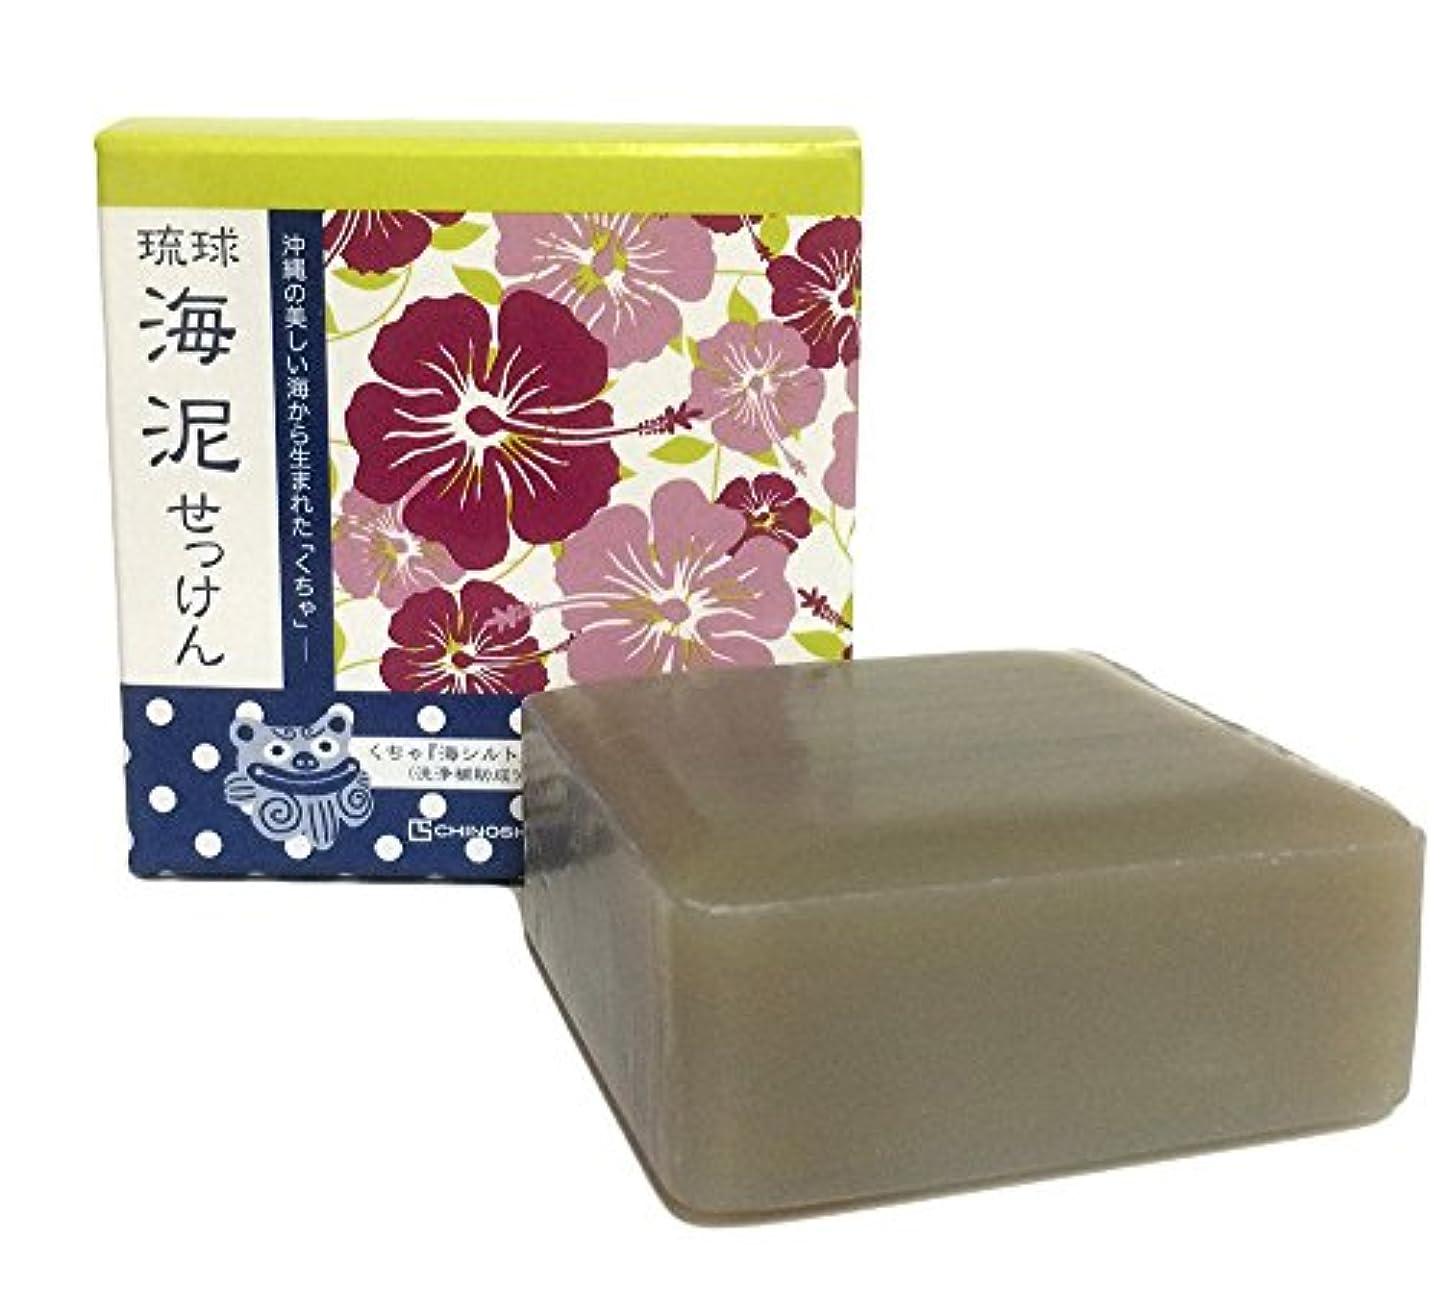 暖かくいっぱい魅惑的な琉球海泥せっけん(クレイソープKD)1個入